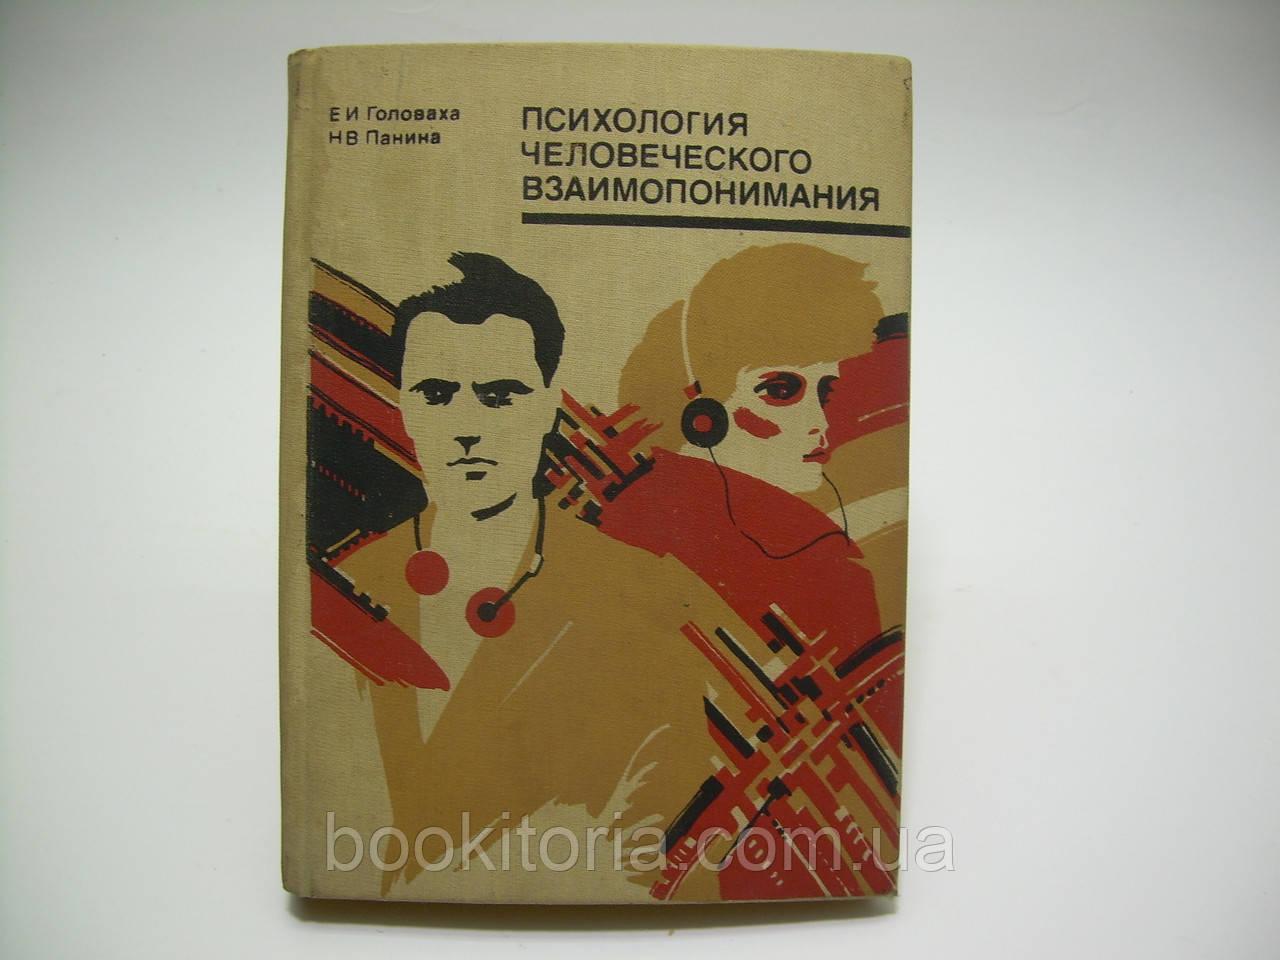 Головаха Е.И., Панина Н.В. Психология человеческого взаимопонимания (б/у).